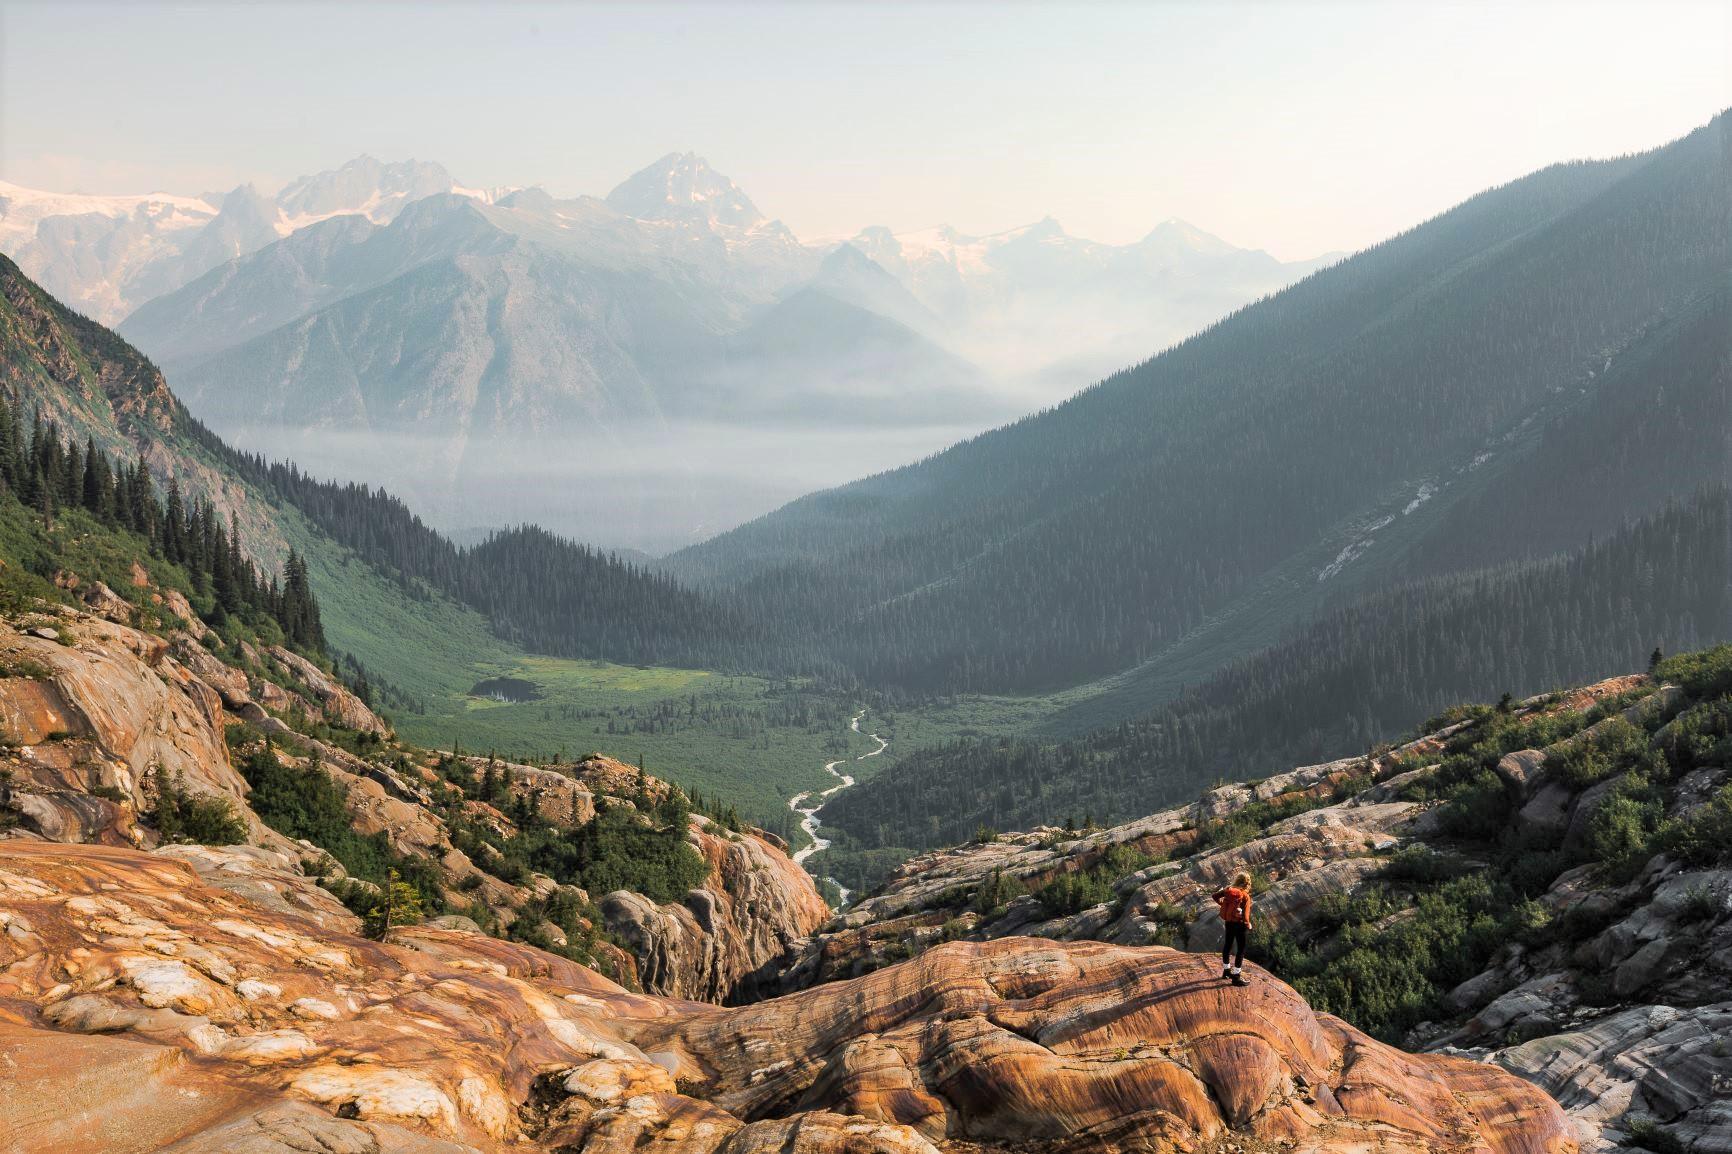 カナダらしい光景が広がる山上の別天地を独り占めにして歩く贅沢なひととき